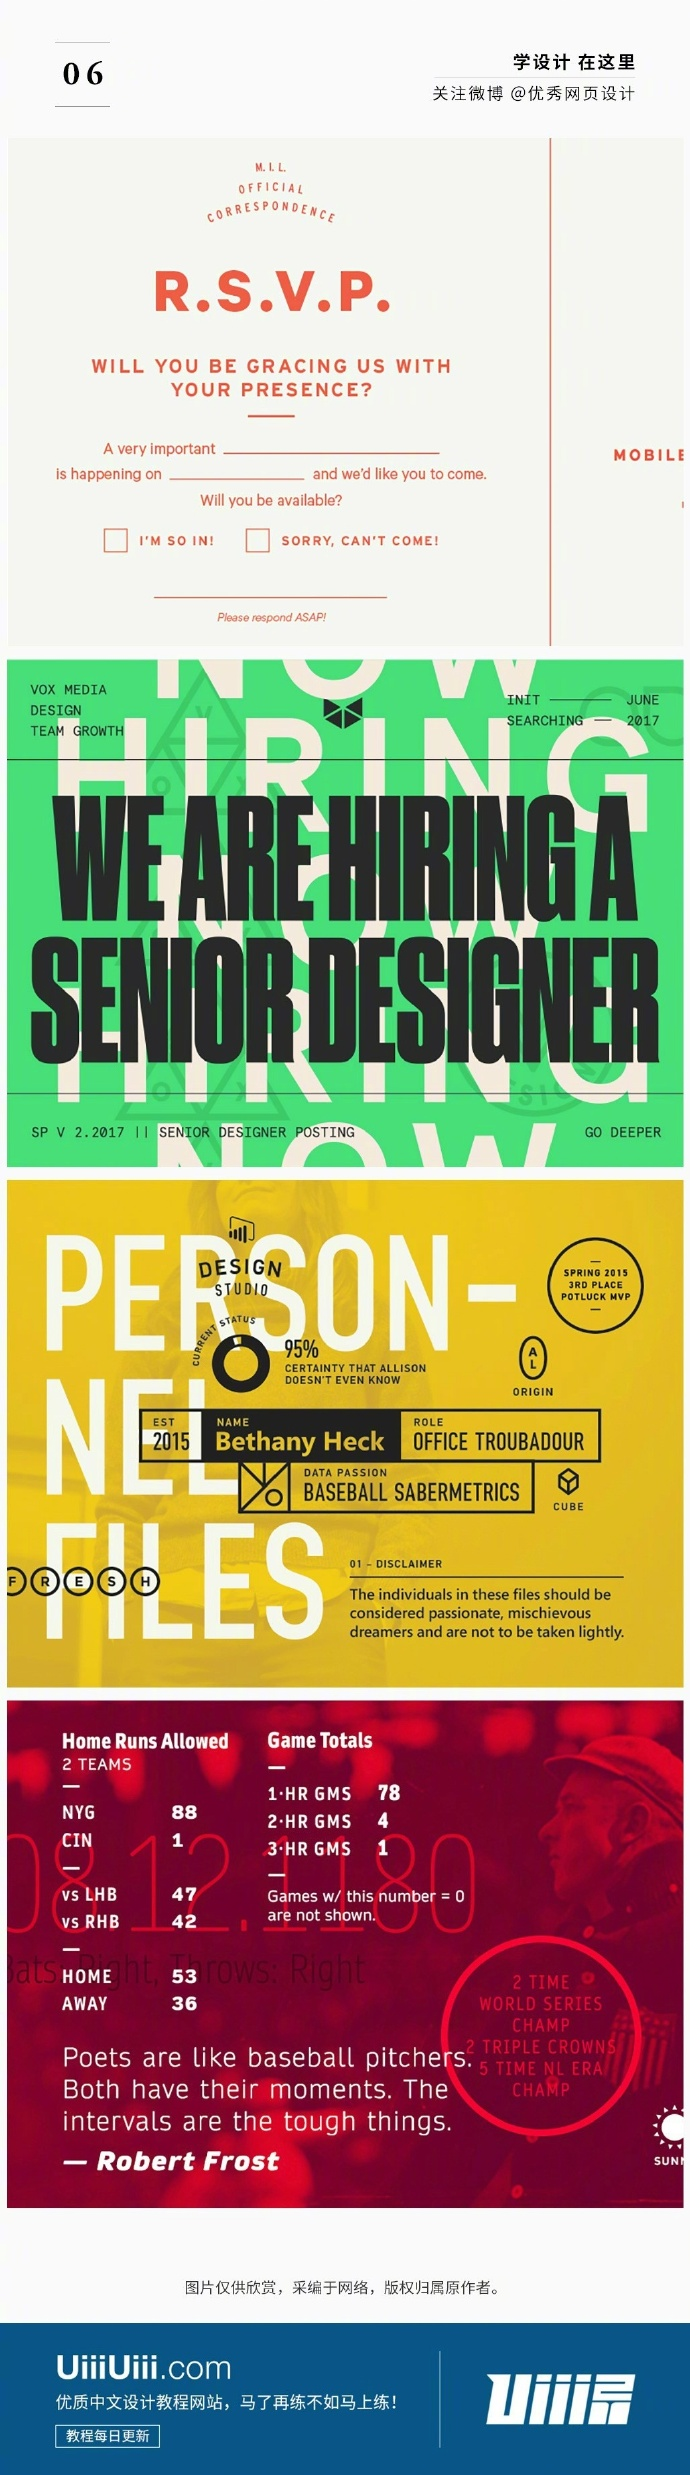 这些海报设计中的文字用的太妙了...